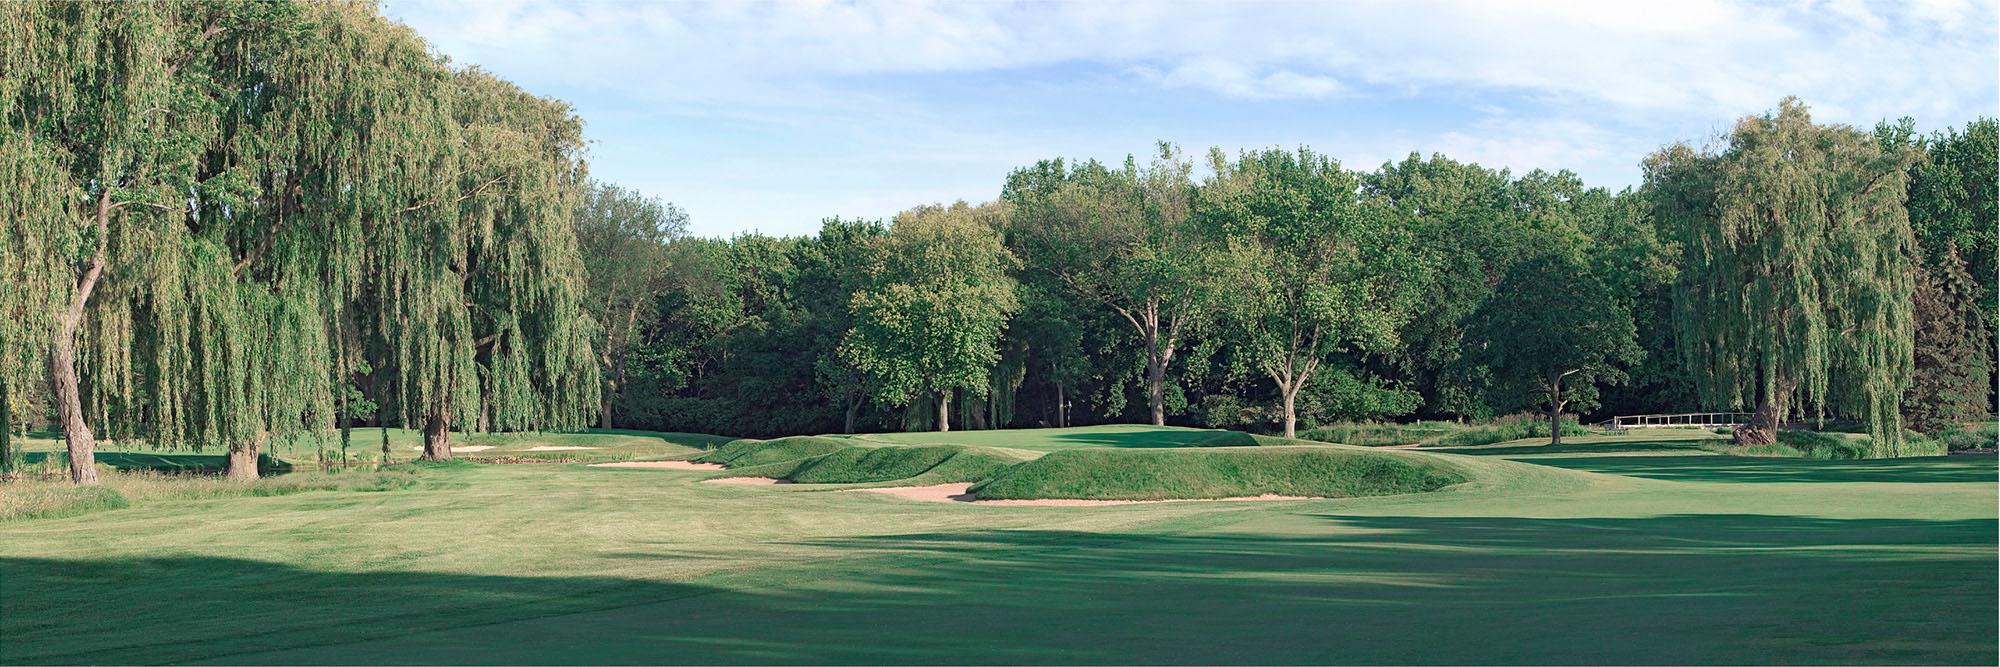 Golf Course Image - Skokie CC No. 3